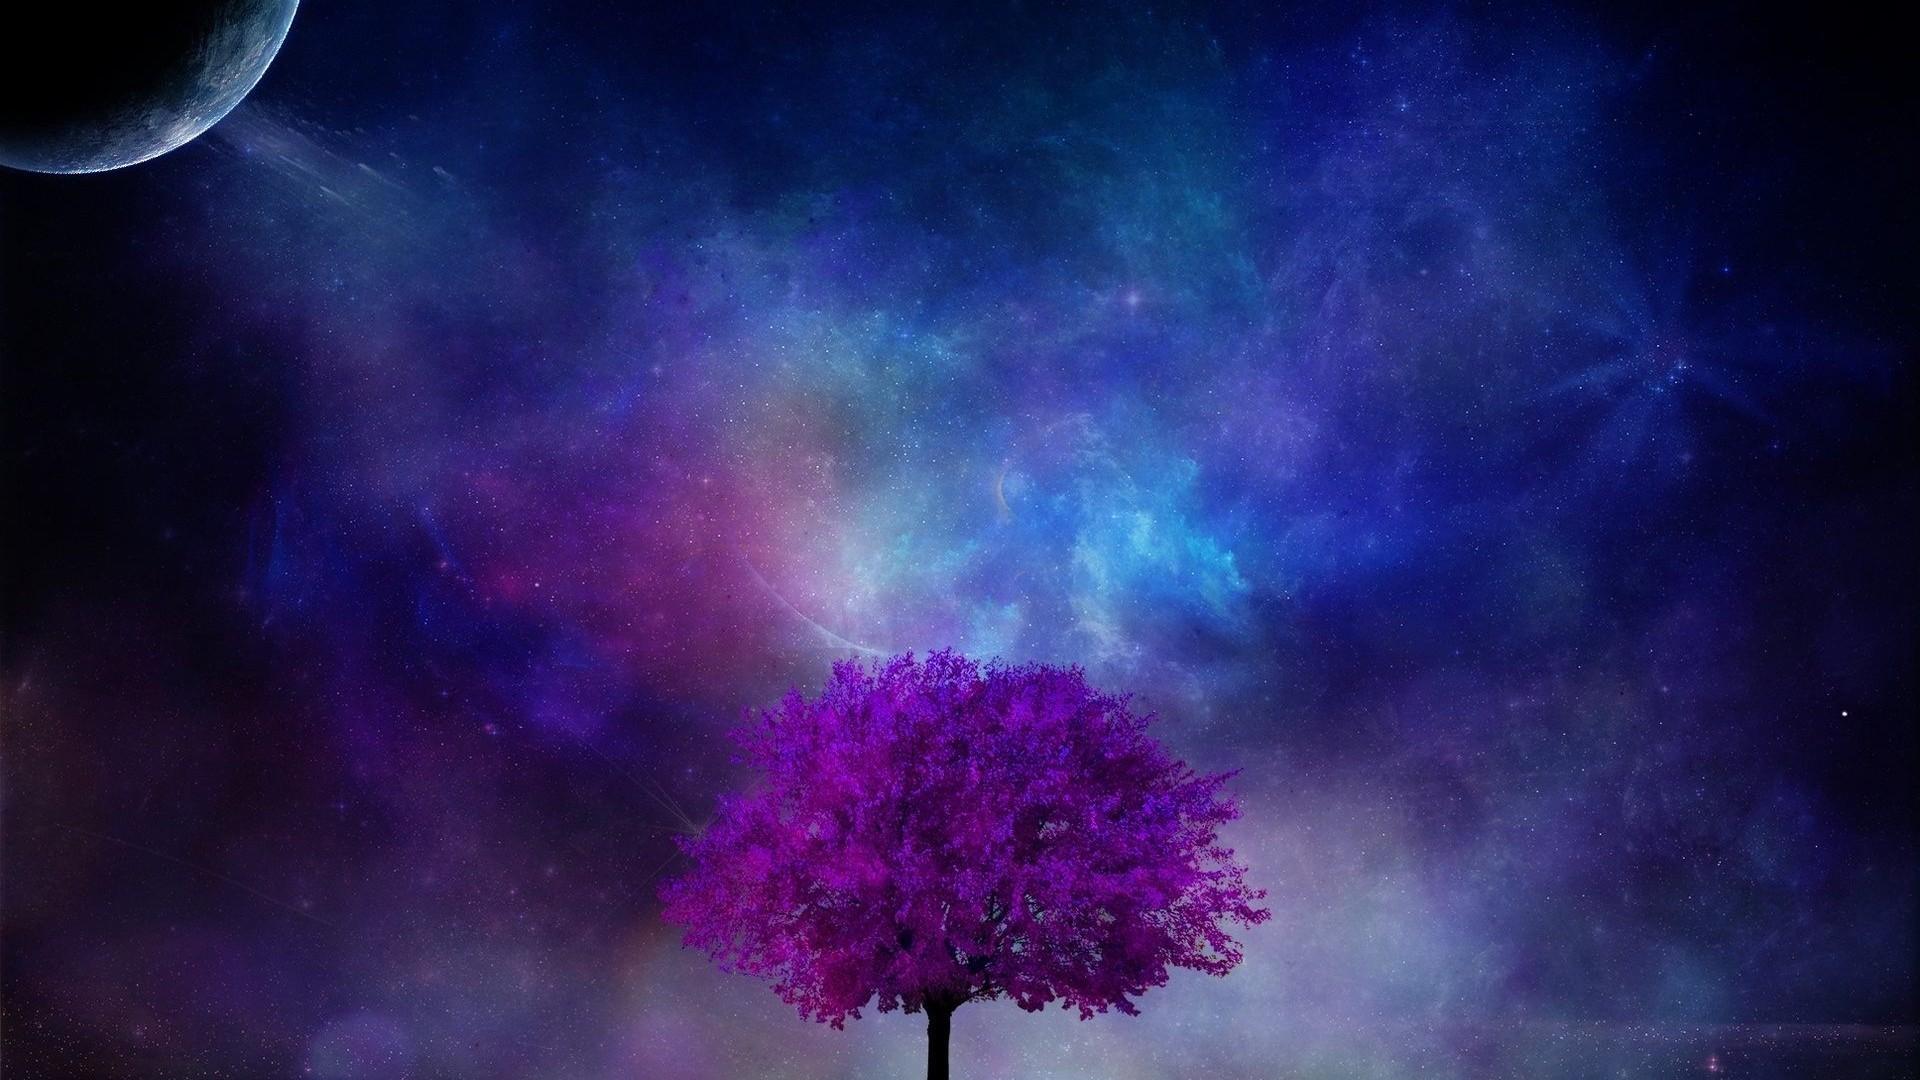 Res: 1920x1080, Künstlerisch - Baum Künstlerisch Fantasy Lila Blau Wolke Planet Wallpaper